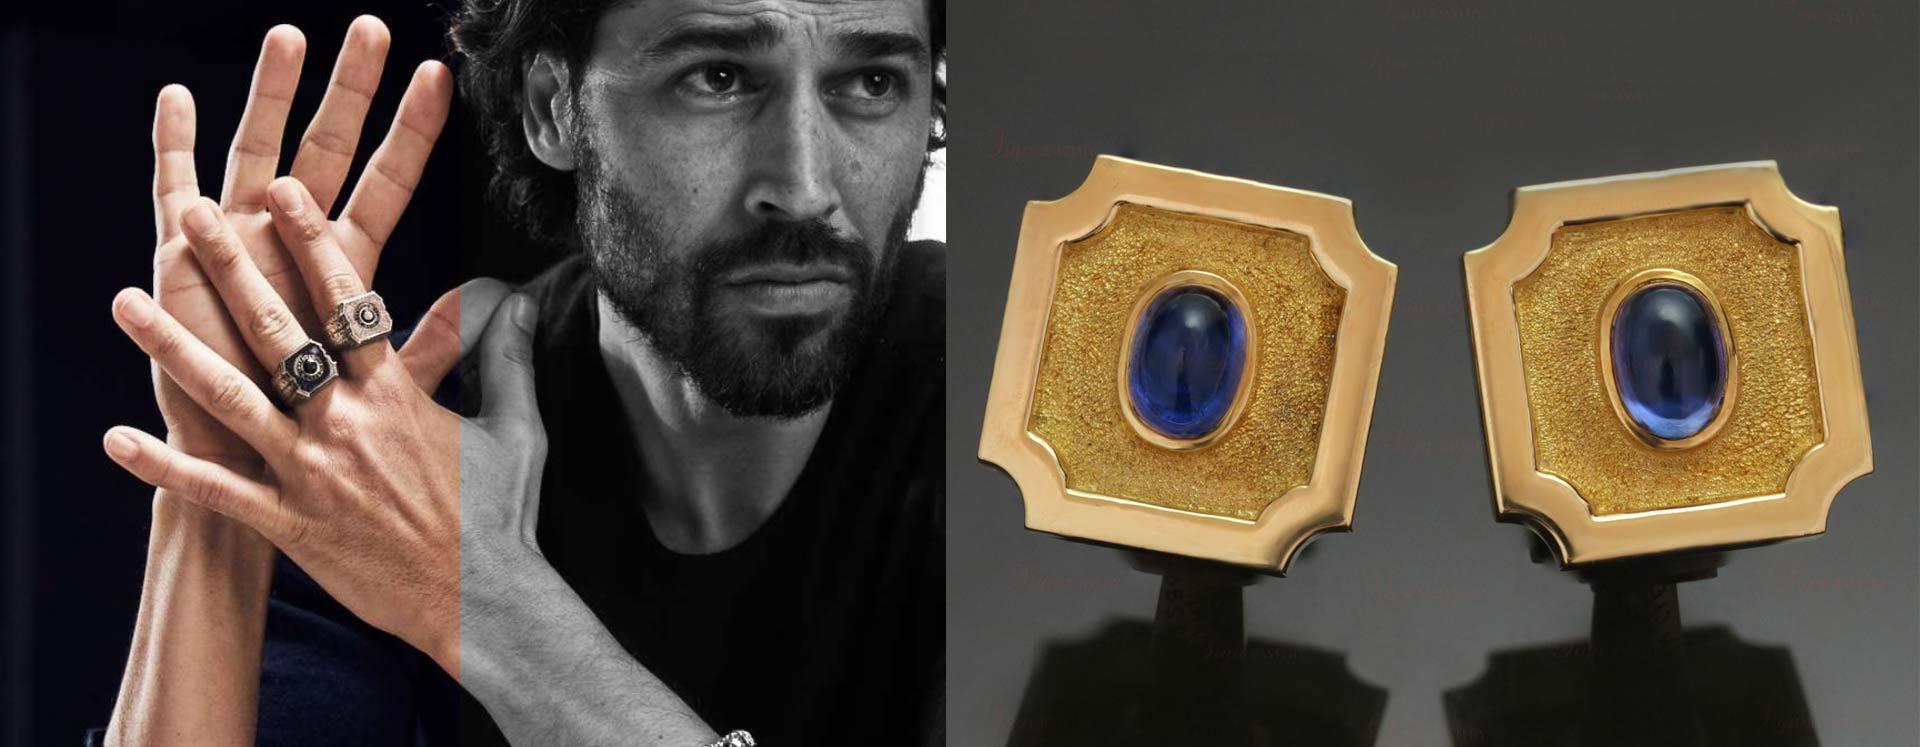 men's jewellery029 - برندهای لوکسی که موجب رونق جواهرات مردانه شده اند